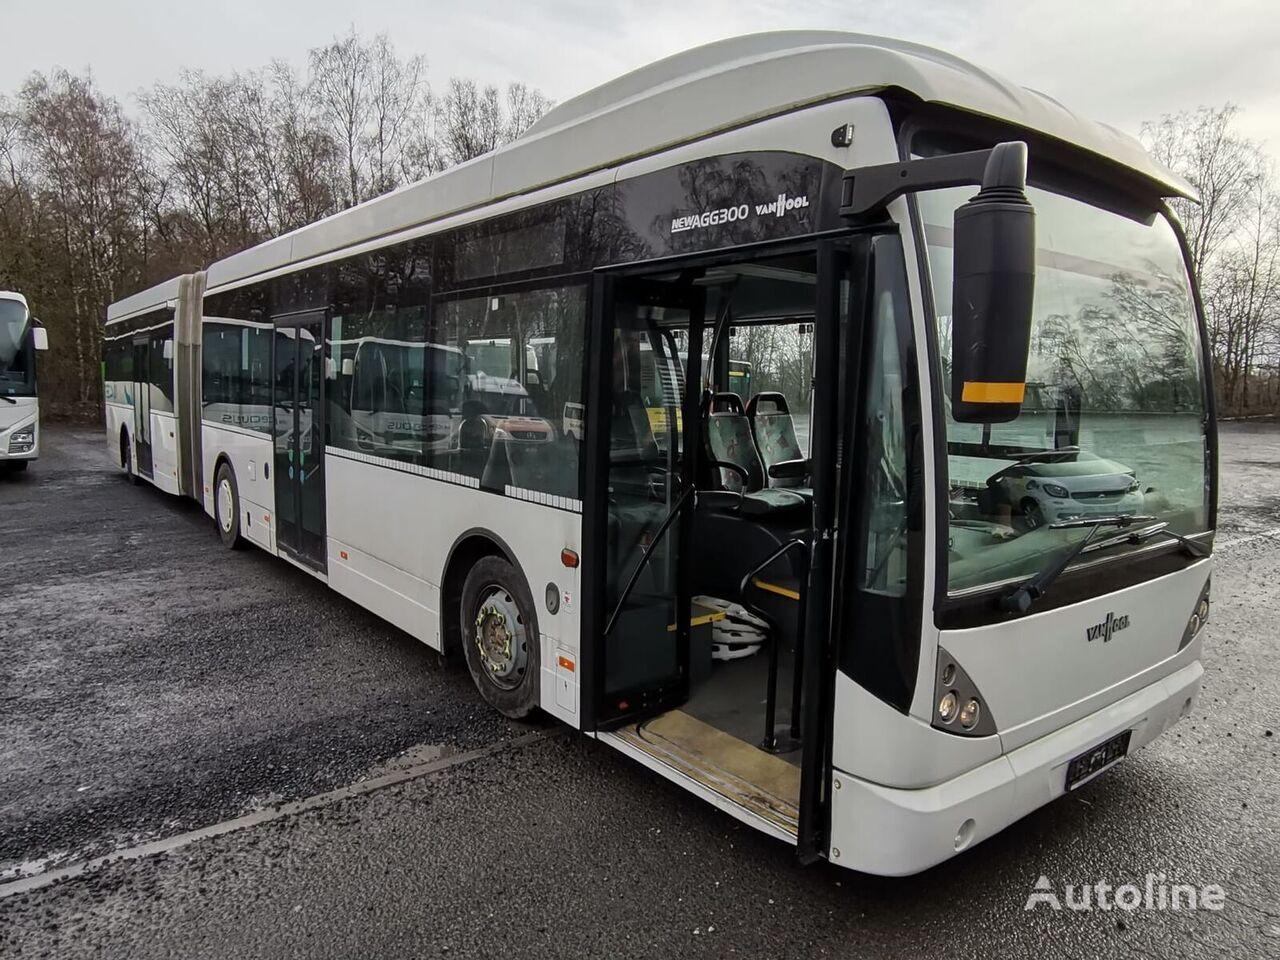 VAN HOOL AG300 articulated bus